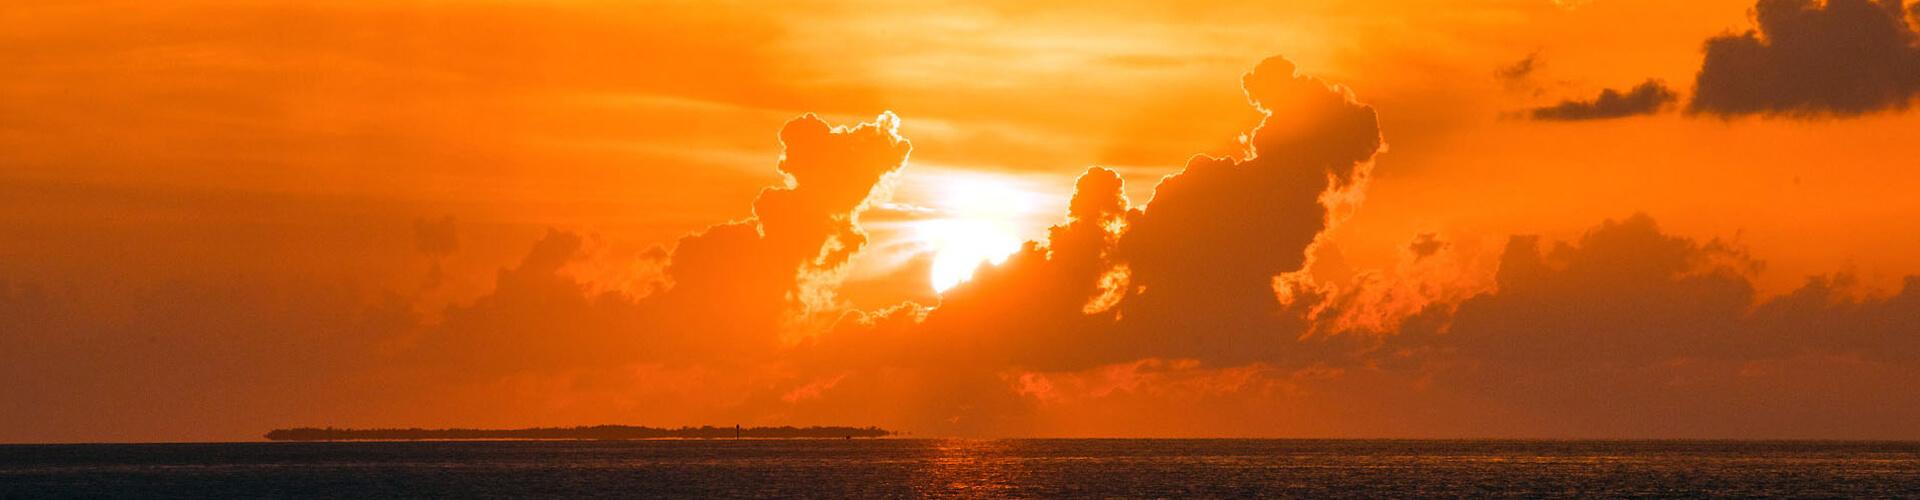 Sunset Cruise, Key West, FL